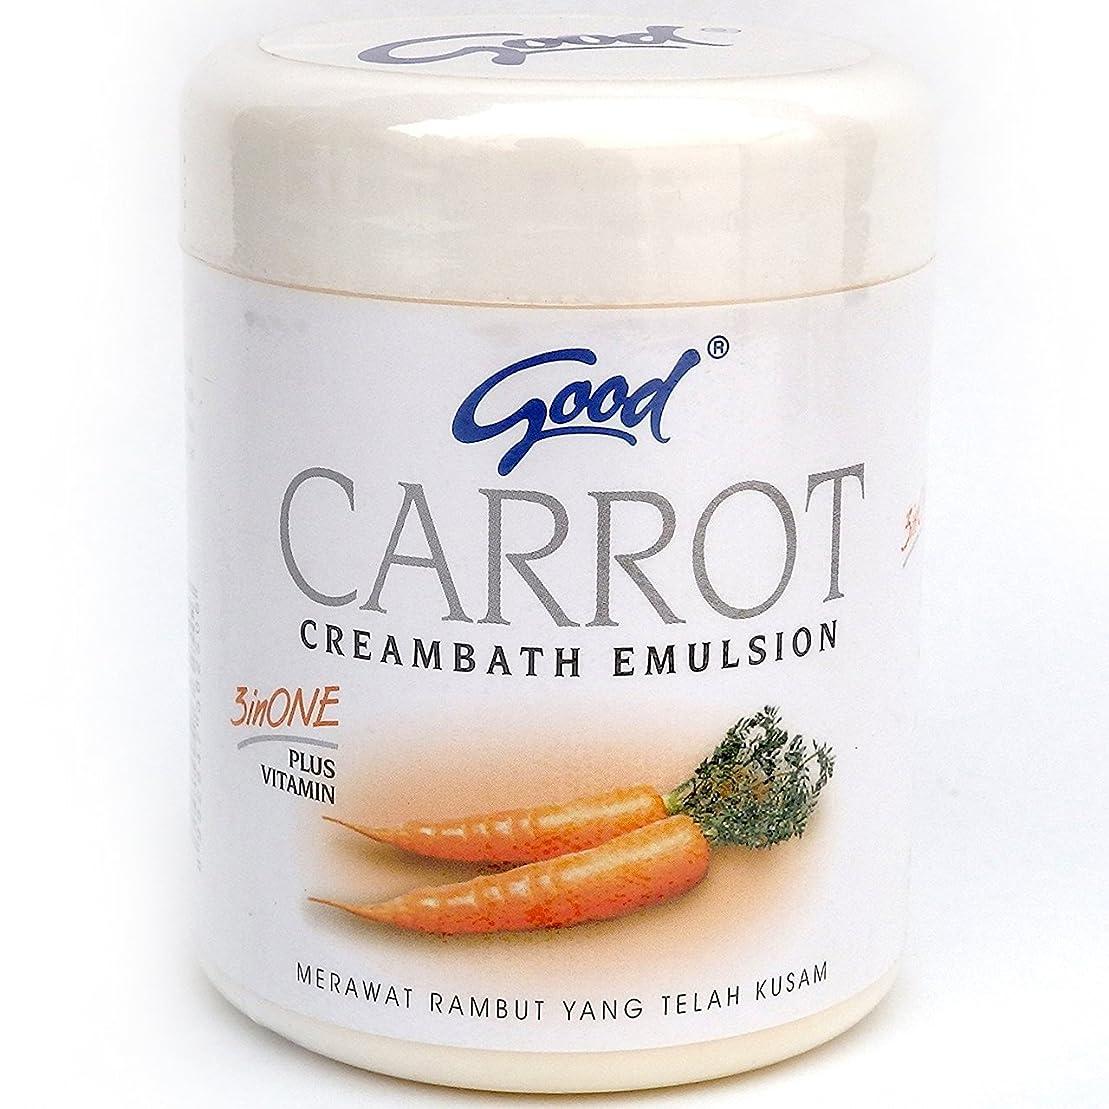 蜜災難悪性腫瘍good グッド インドネシアバリ島の伝統的なヘッドスパクリーム Creambath Emulsion クリームバス エマルション 250g Carrot キャロット [海外直送品]